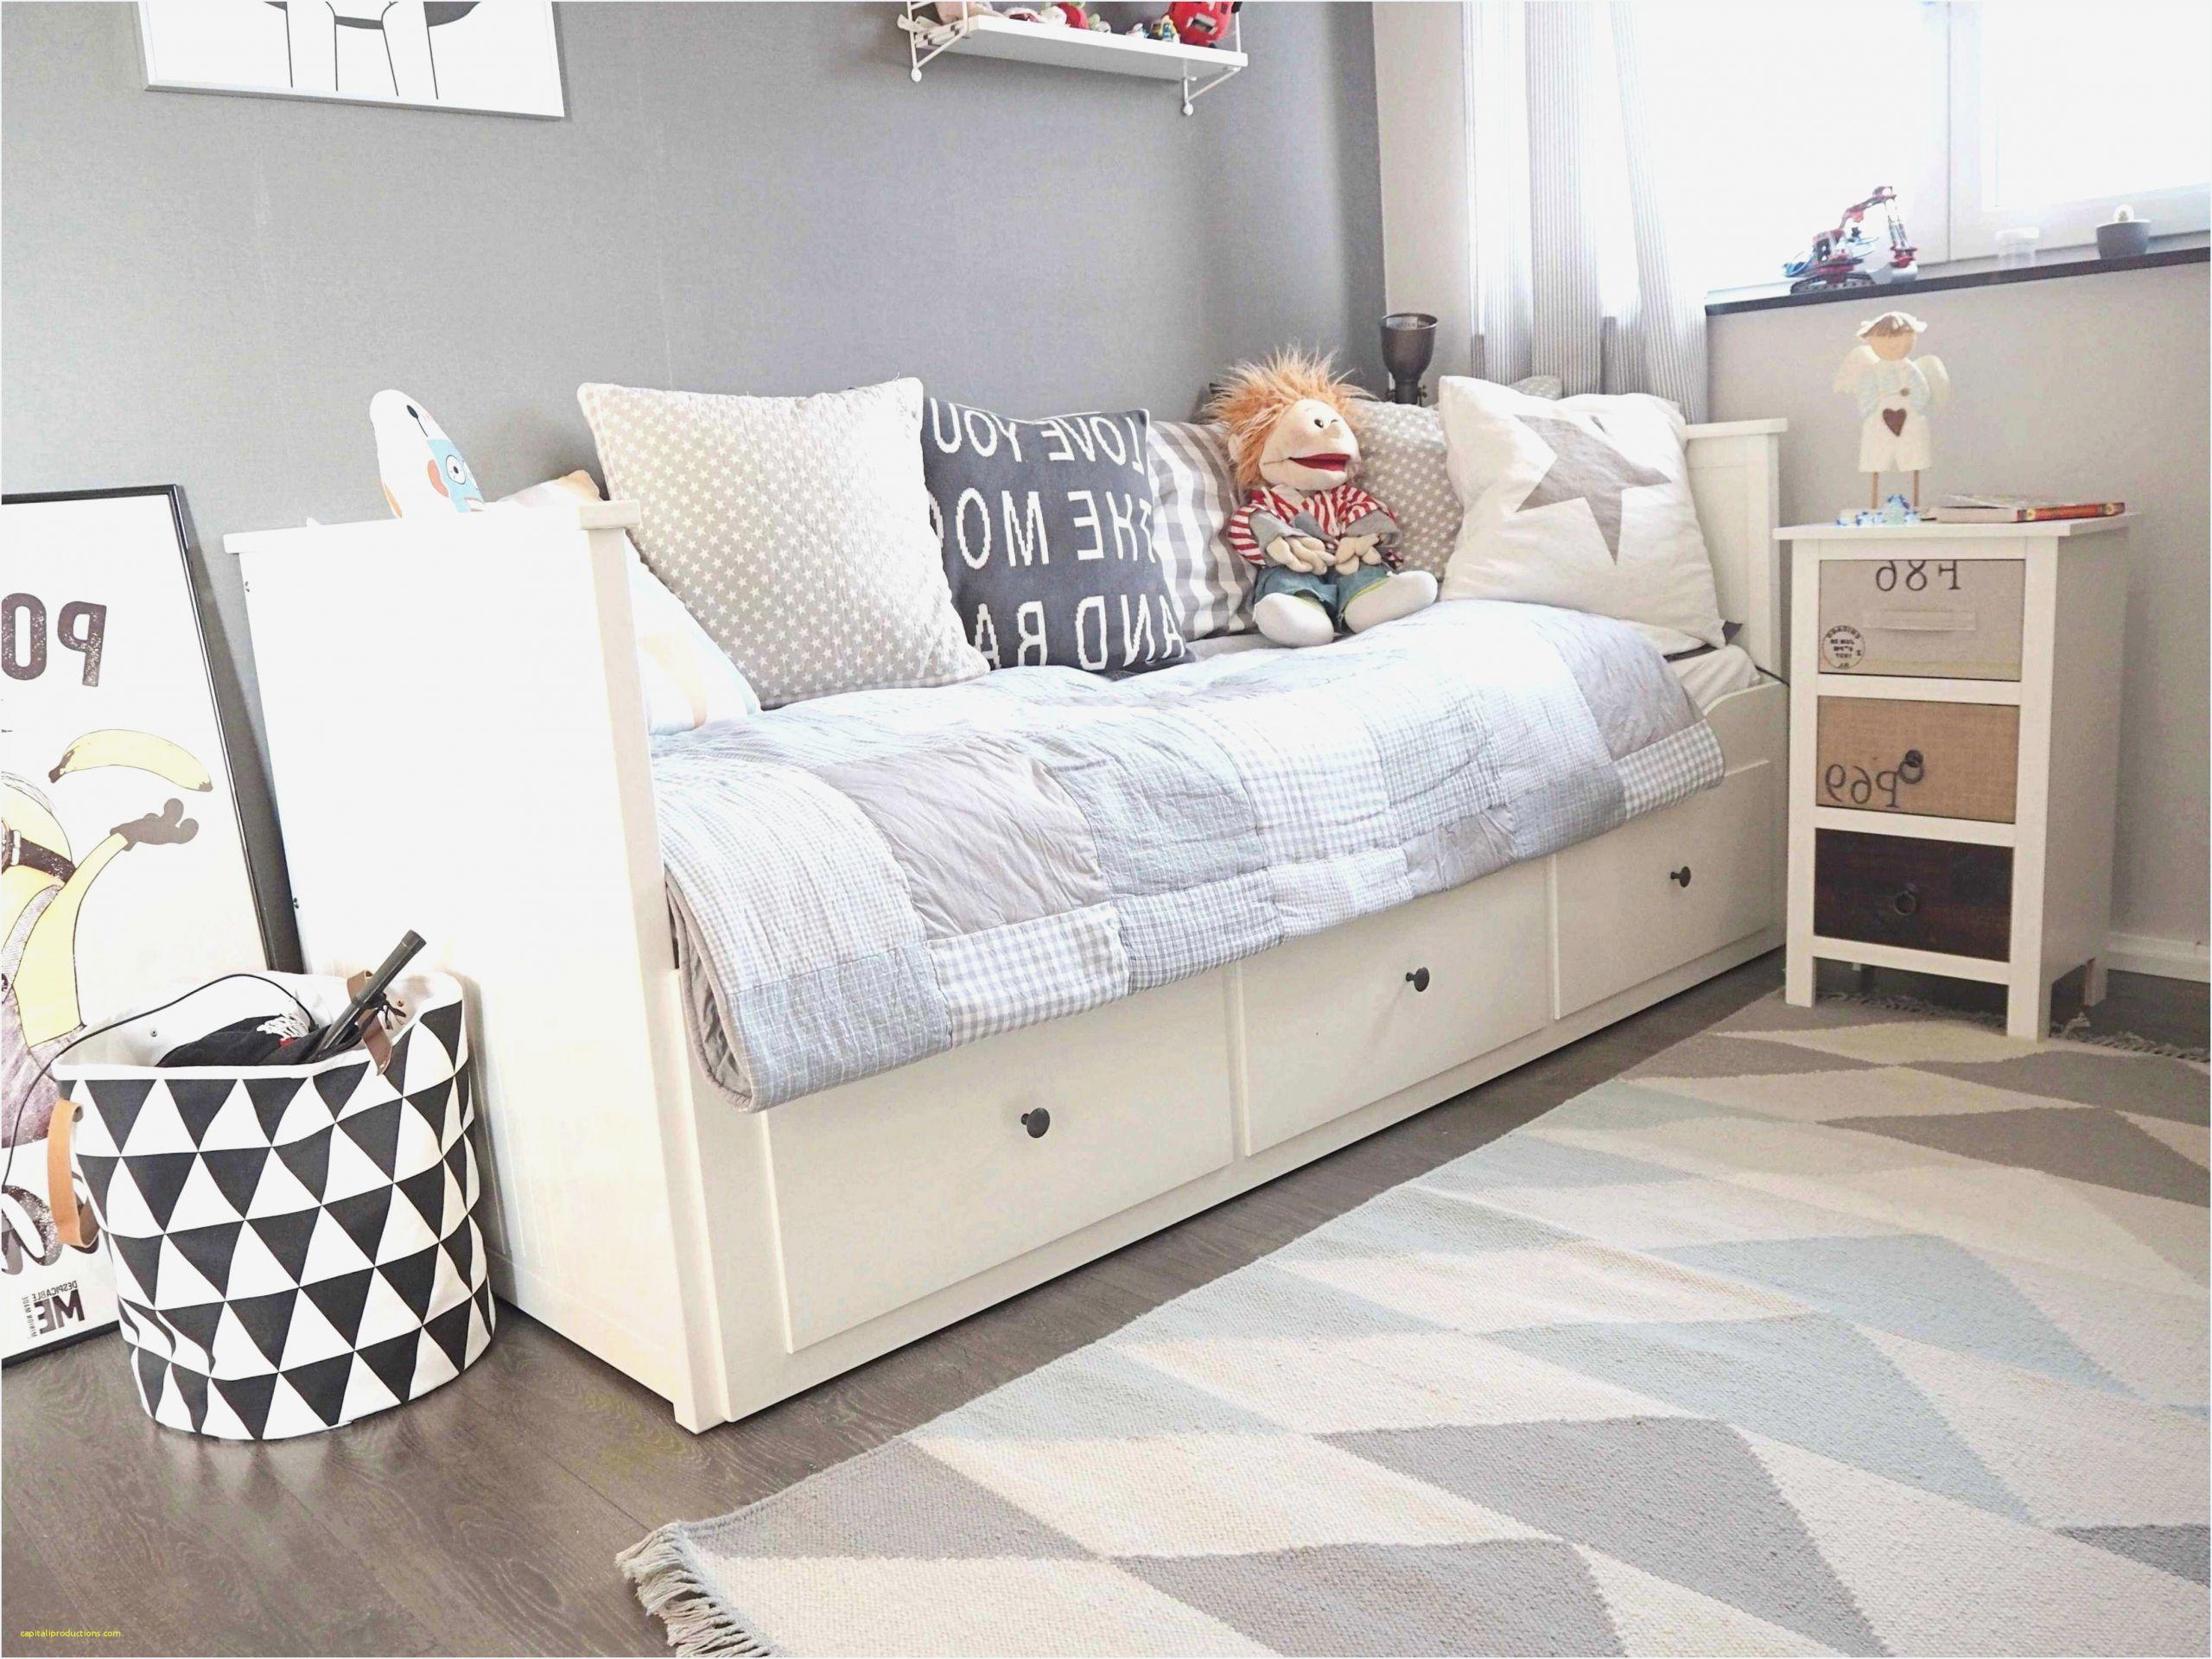 Full Size of Ikea Kinderzimmer Einrichten Traumhaus Dekoration Regale Sofa Regal Weiß Kinderzimmer Einrichtung Kinderzimmer